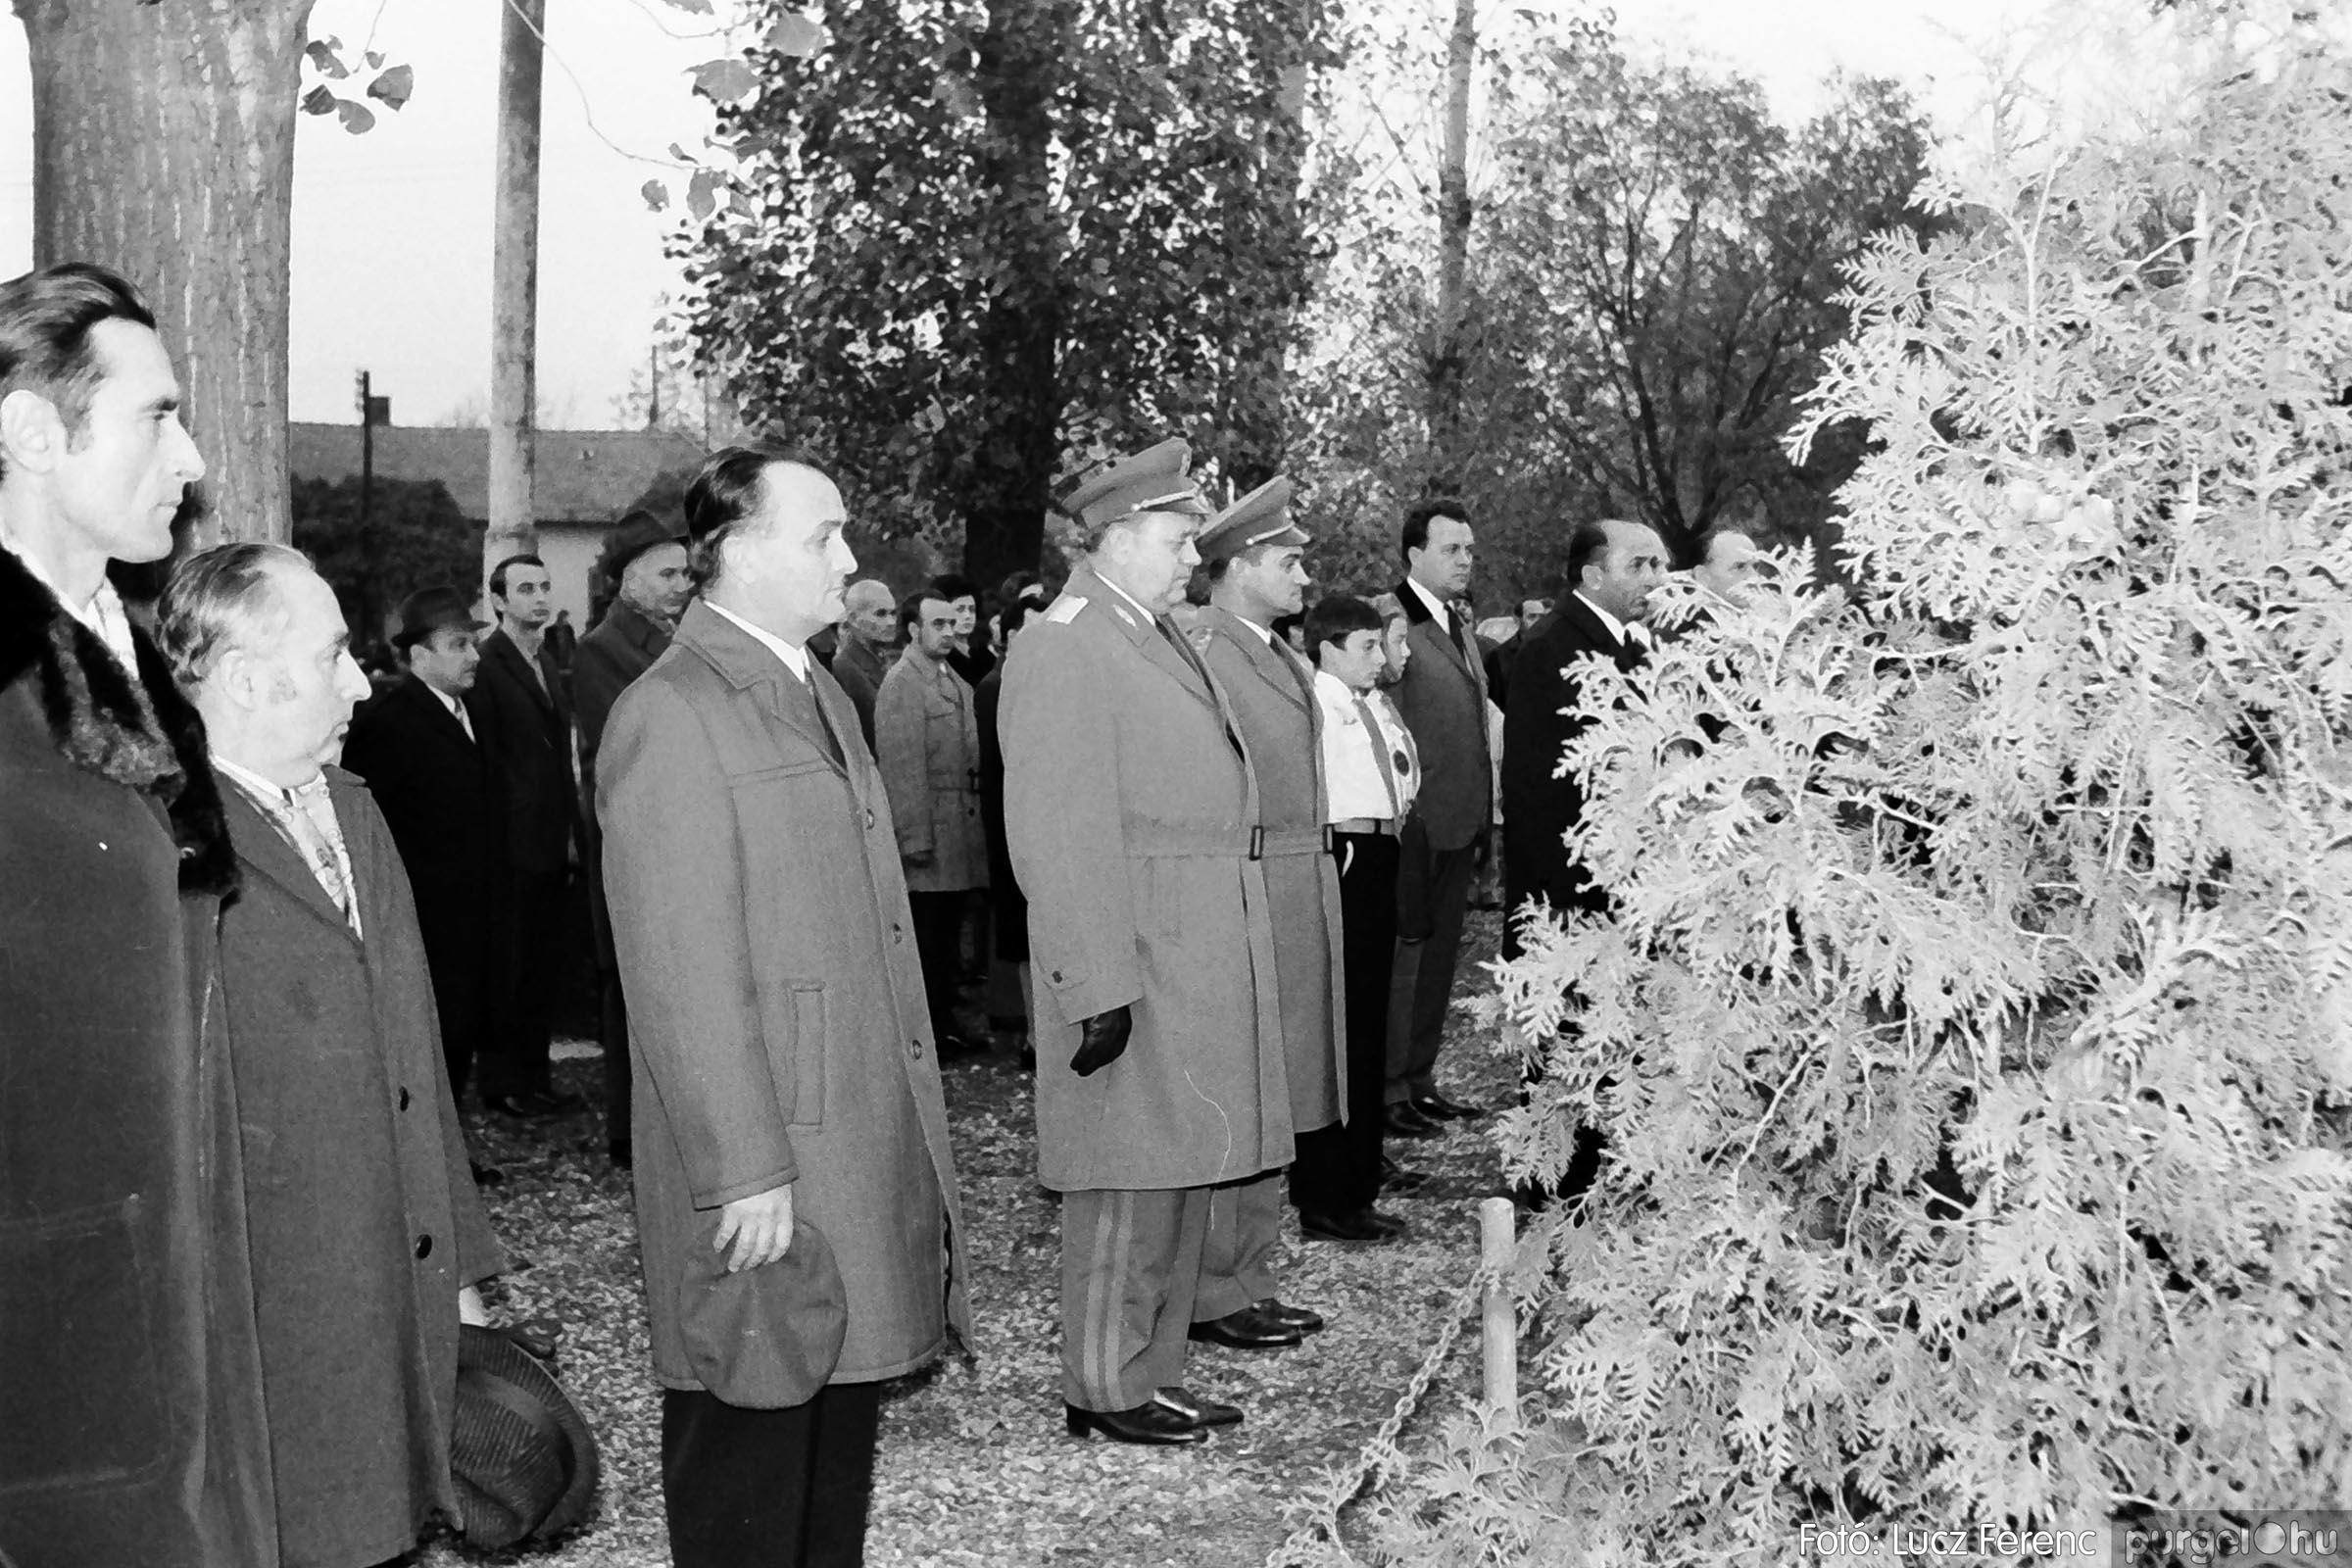 002 1970-es évek - November 7-i ünnepség 011 - Fotó: Lucz Ferenc - IMG01095q.jpg